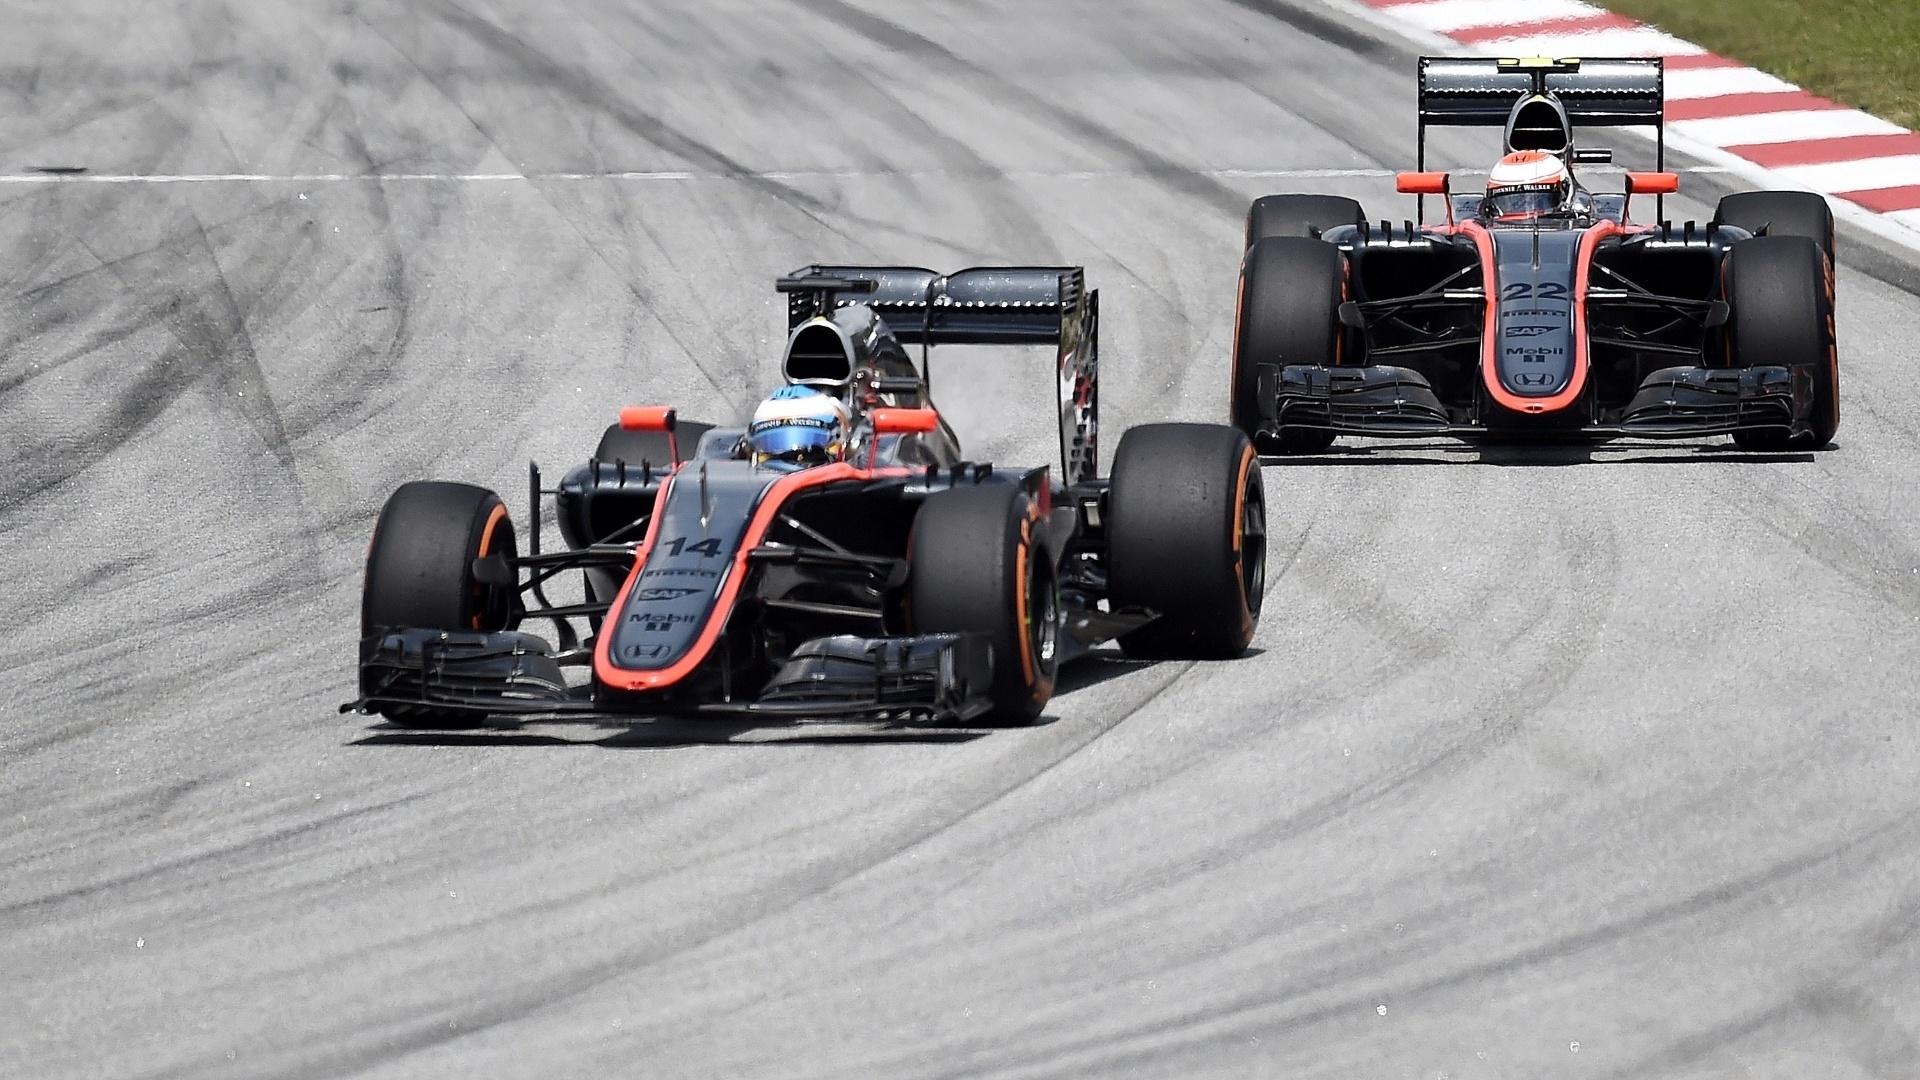 29.mar.2015 - GP da Malásia foi péssimo para a McLaren. Tanto Fernando Alonso como Jenson Button não terminaram a corrida